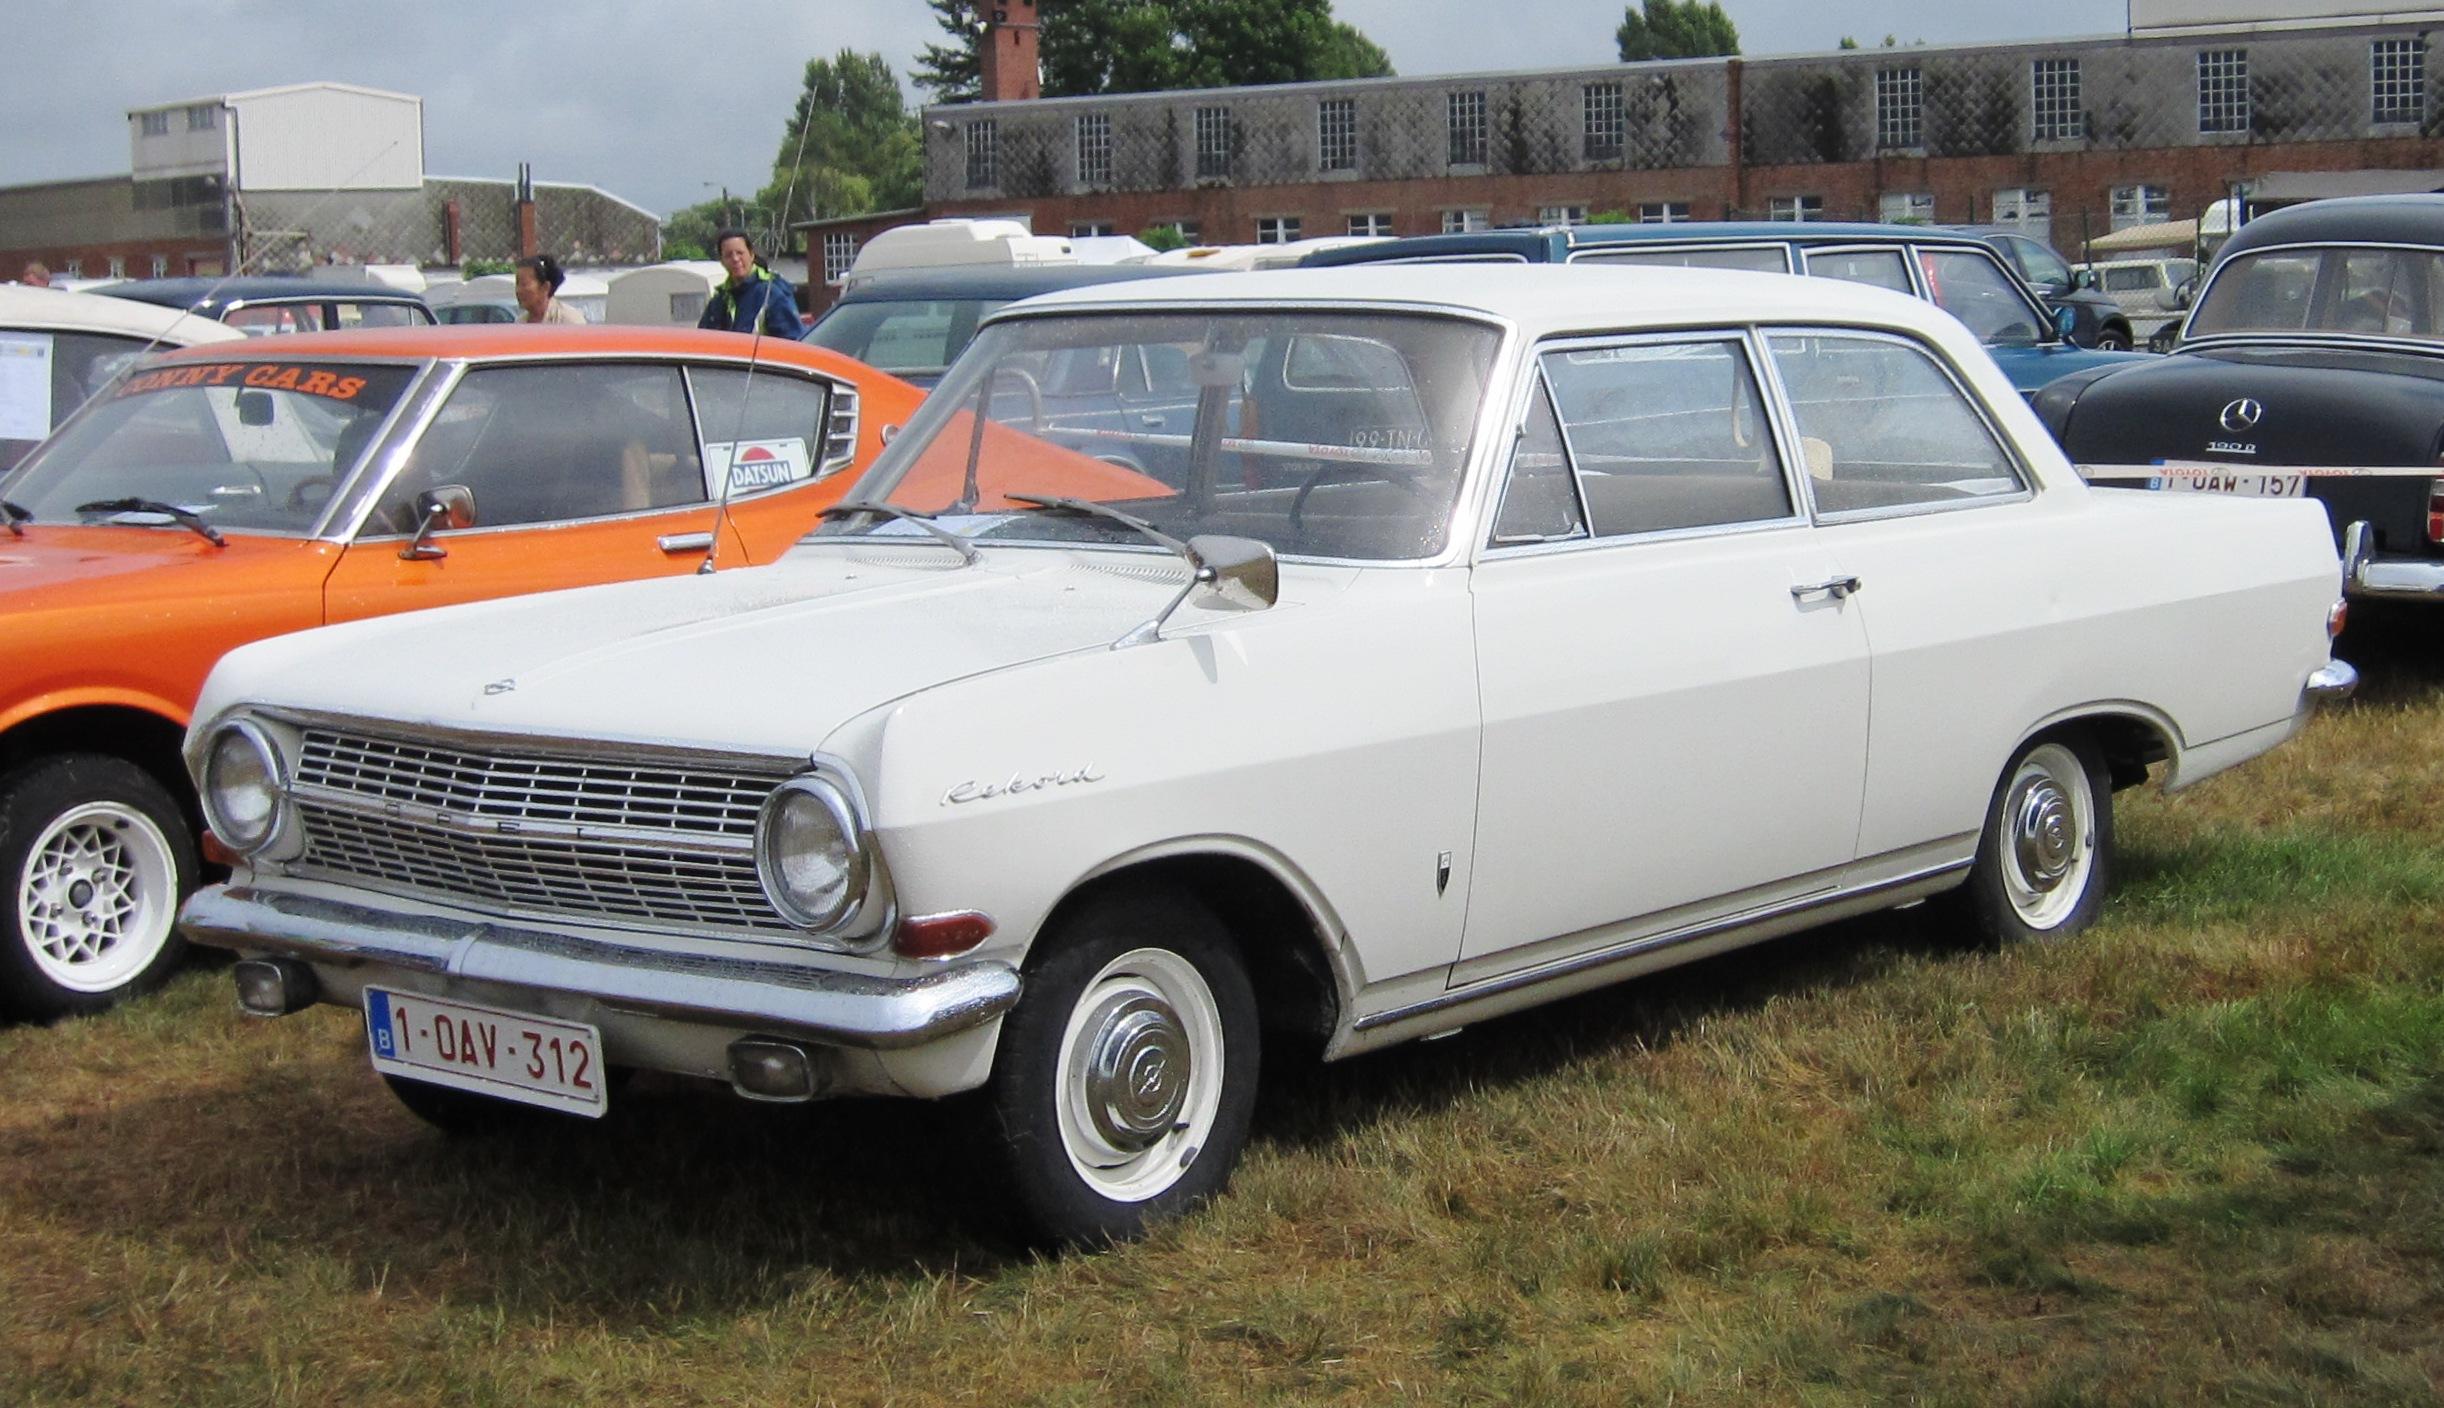 Opel_Rekord_A_2605cc_1964_or_1965_at_Schaffen-Diest_2013.JPG